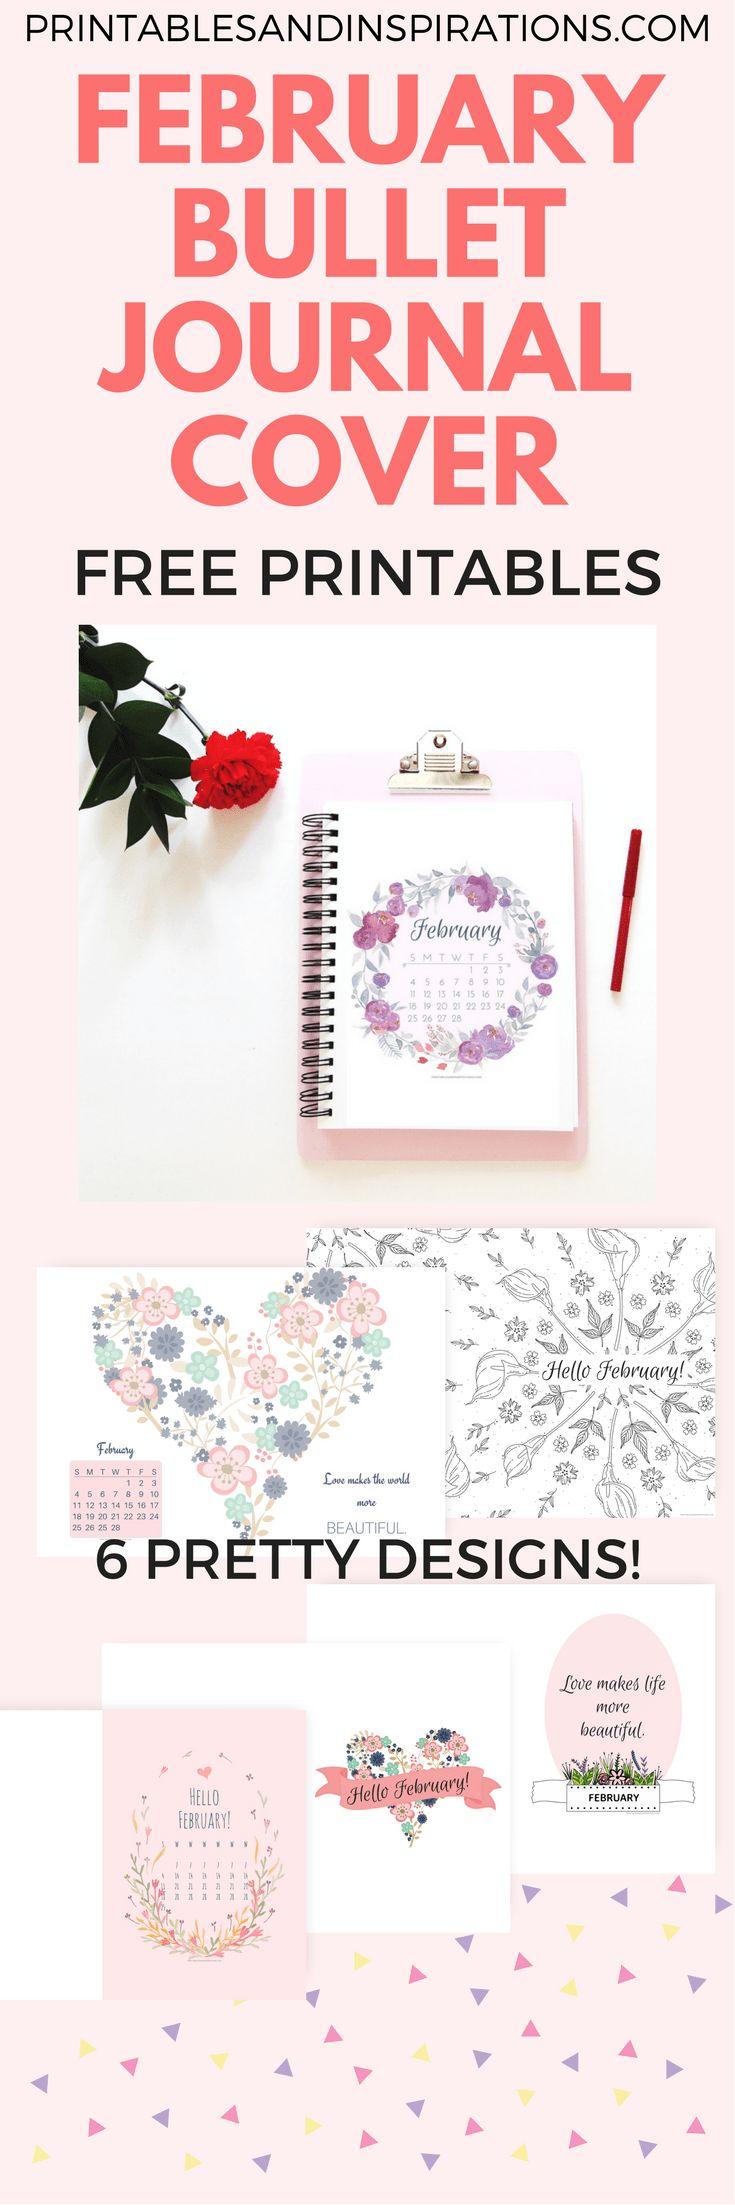 free printable February bullet journal cover page, bullet journal ideas, printable planner, February calendar